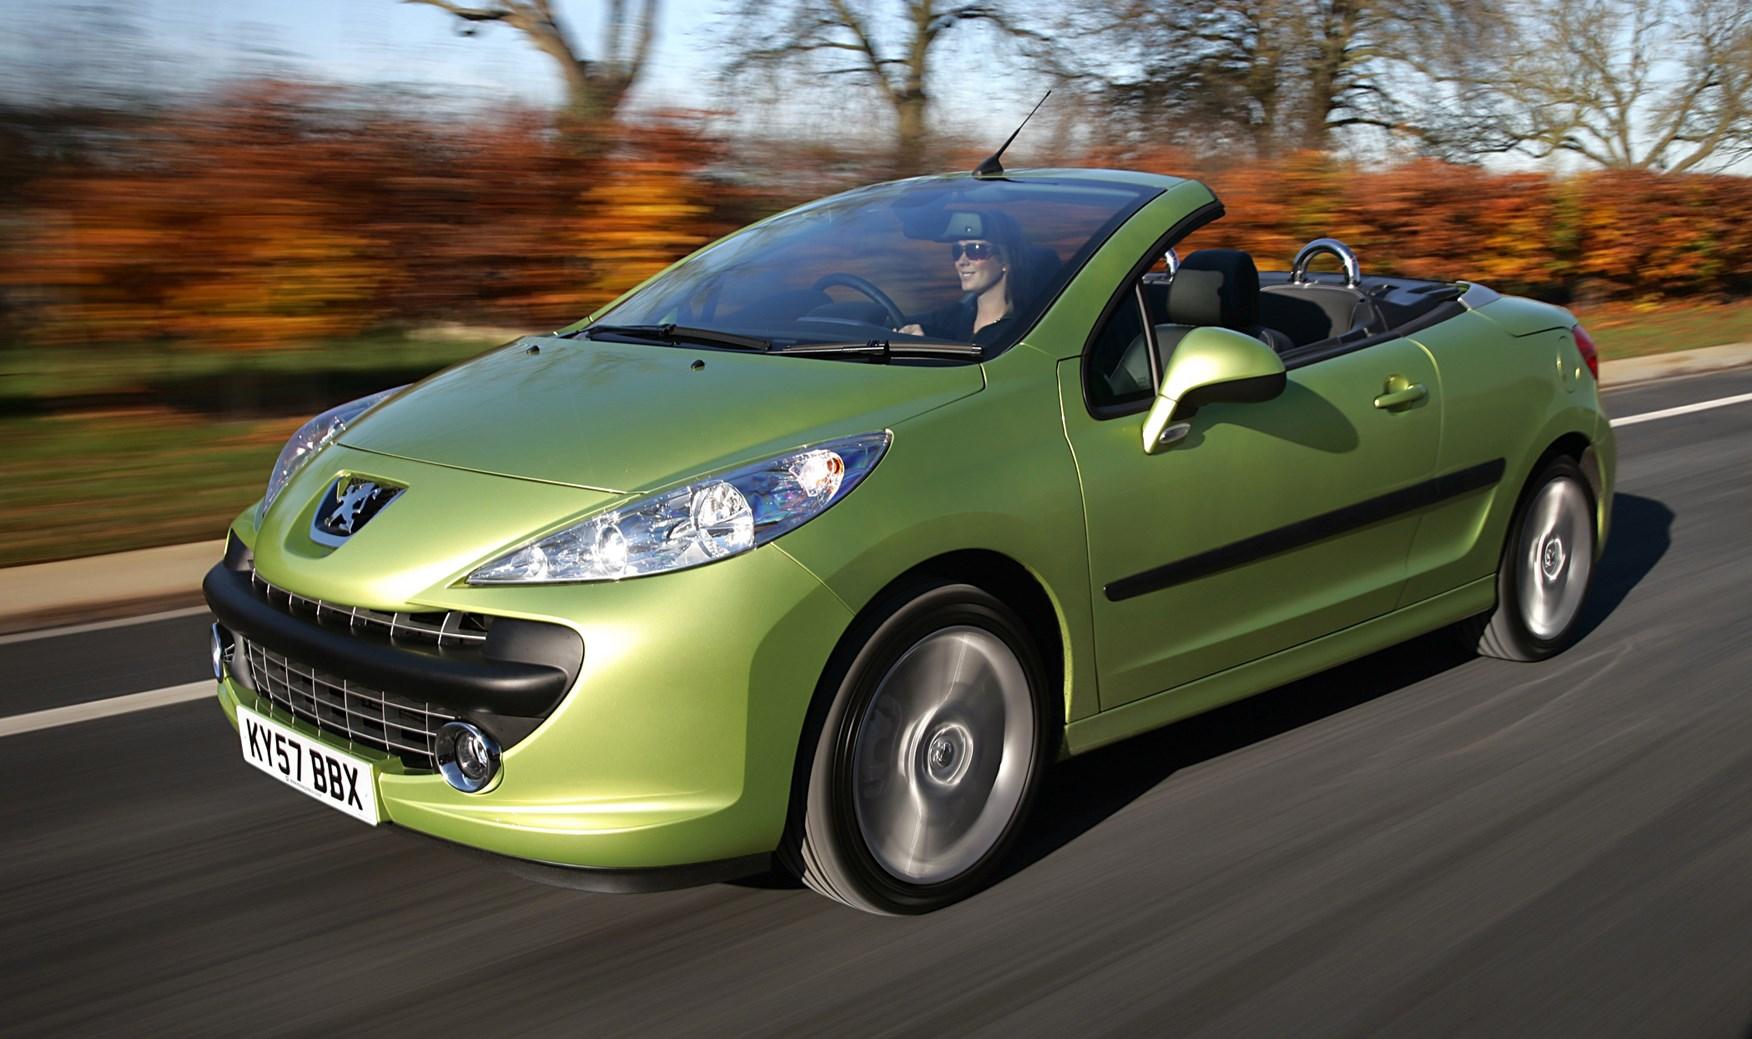 peugeot 207 cc 2007 2014 driving performance parkers rh parkers co uk Peugeot 307 CC Peugeot 307 CC